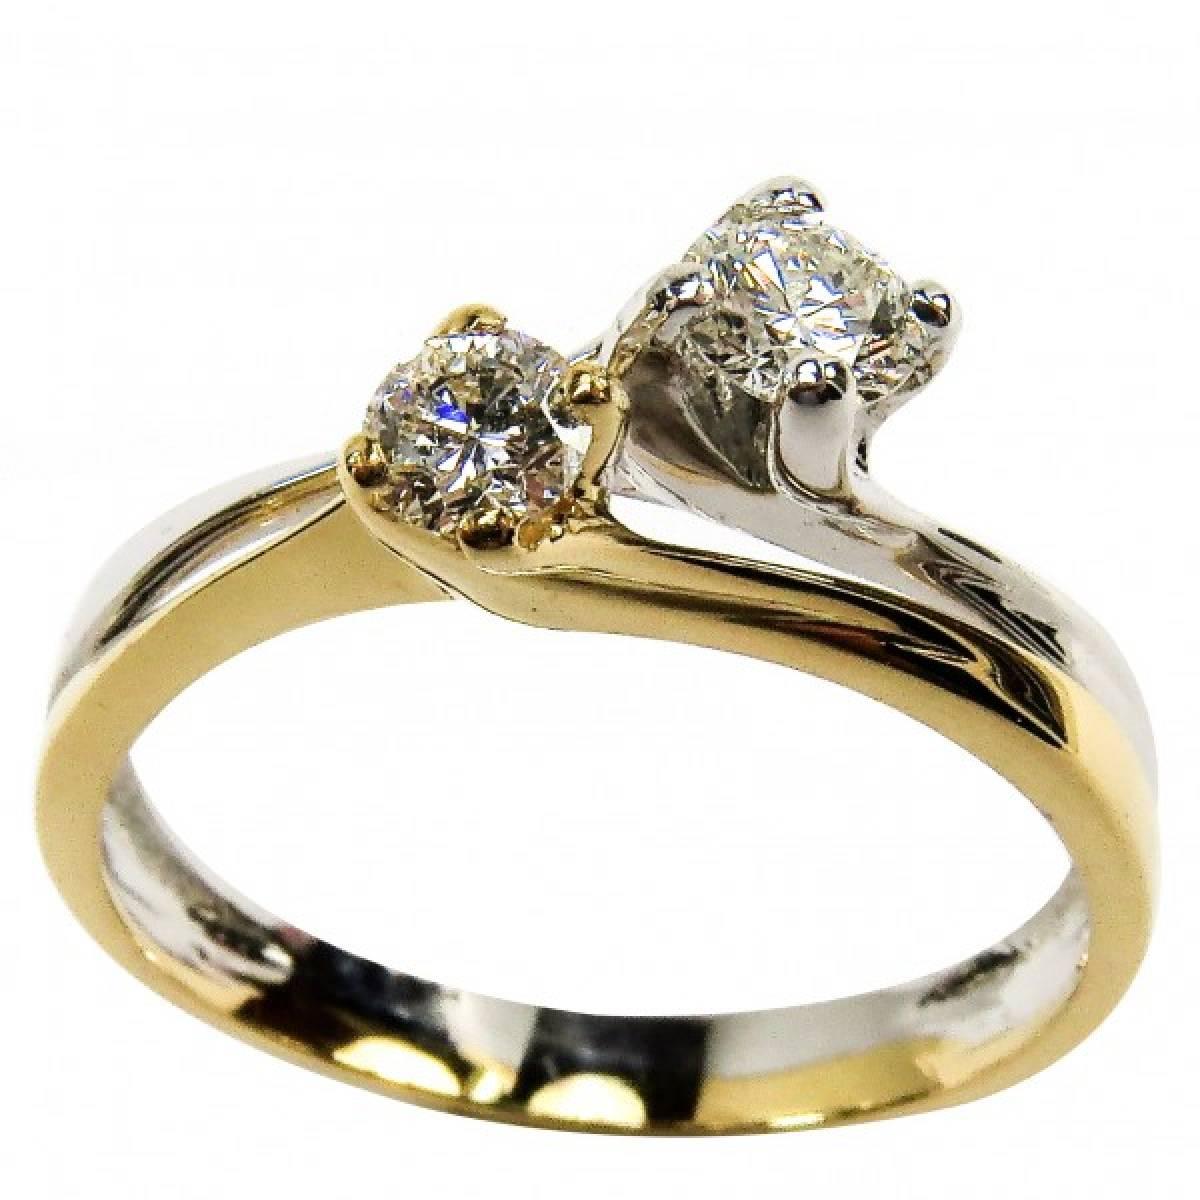 Anel de Noivado em ouro bicolor de 9 e 19 kts, com diamantes ou zircónias